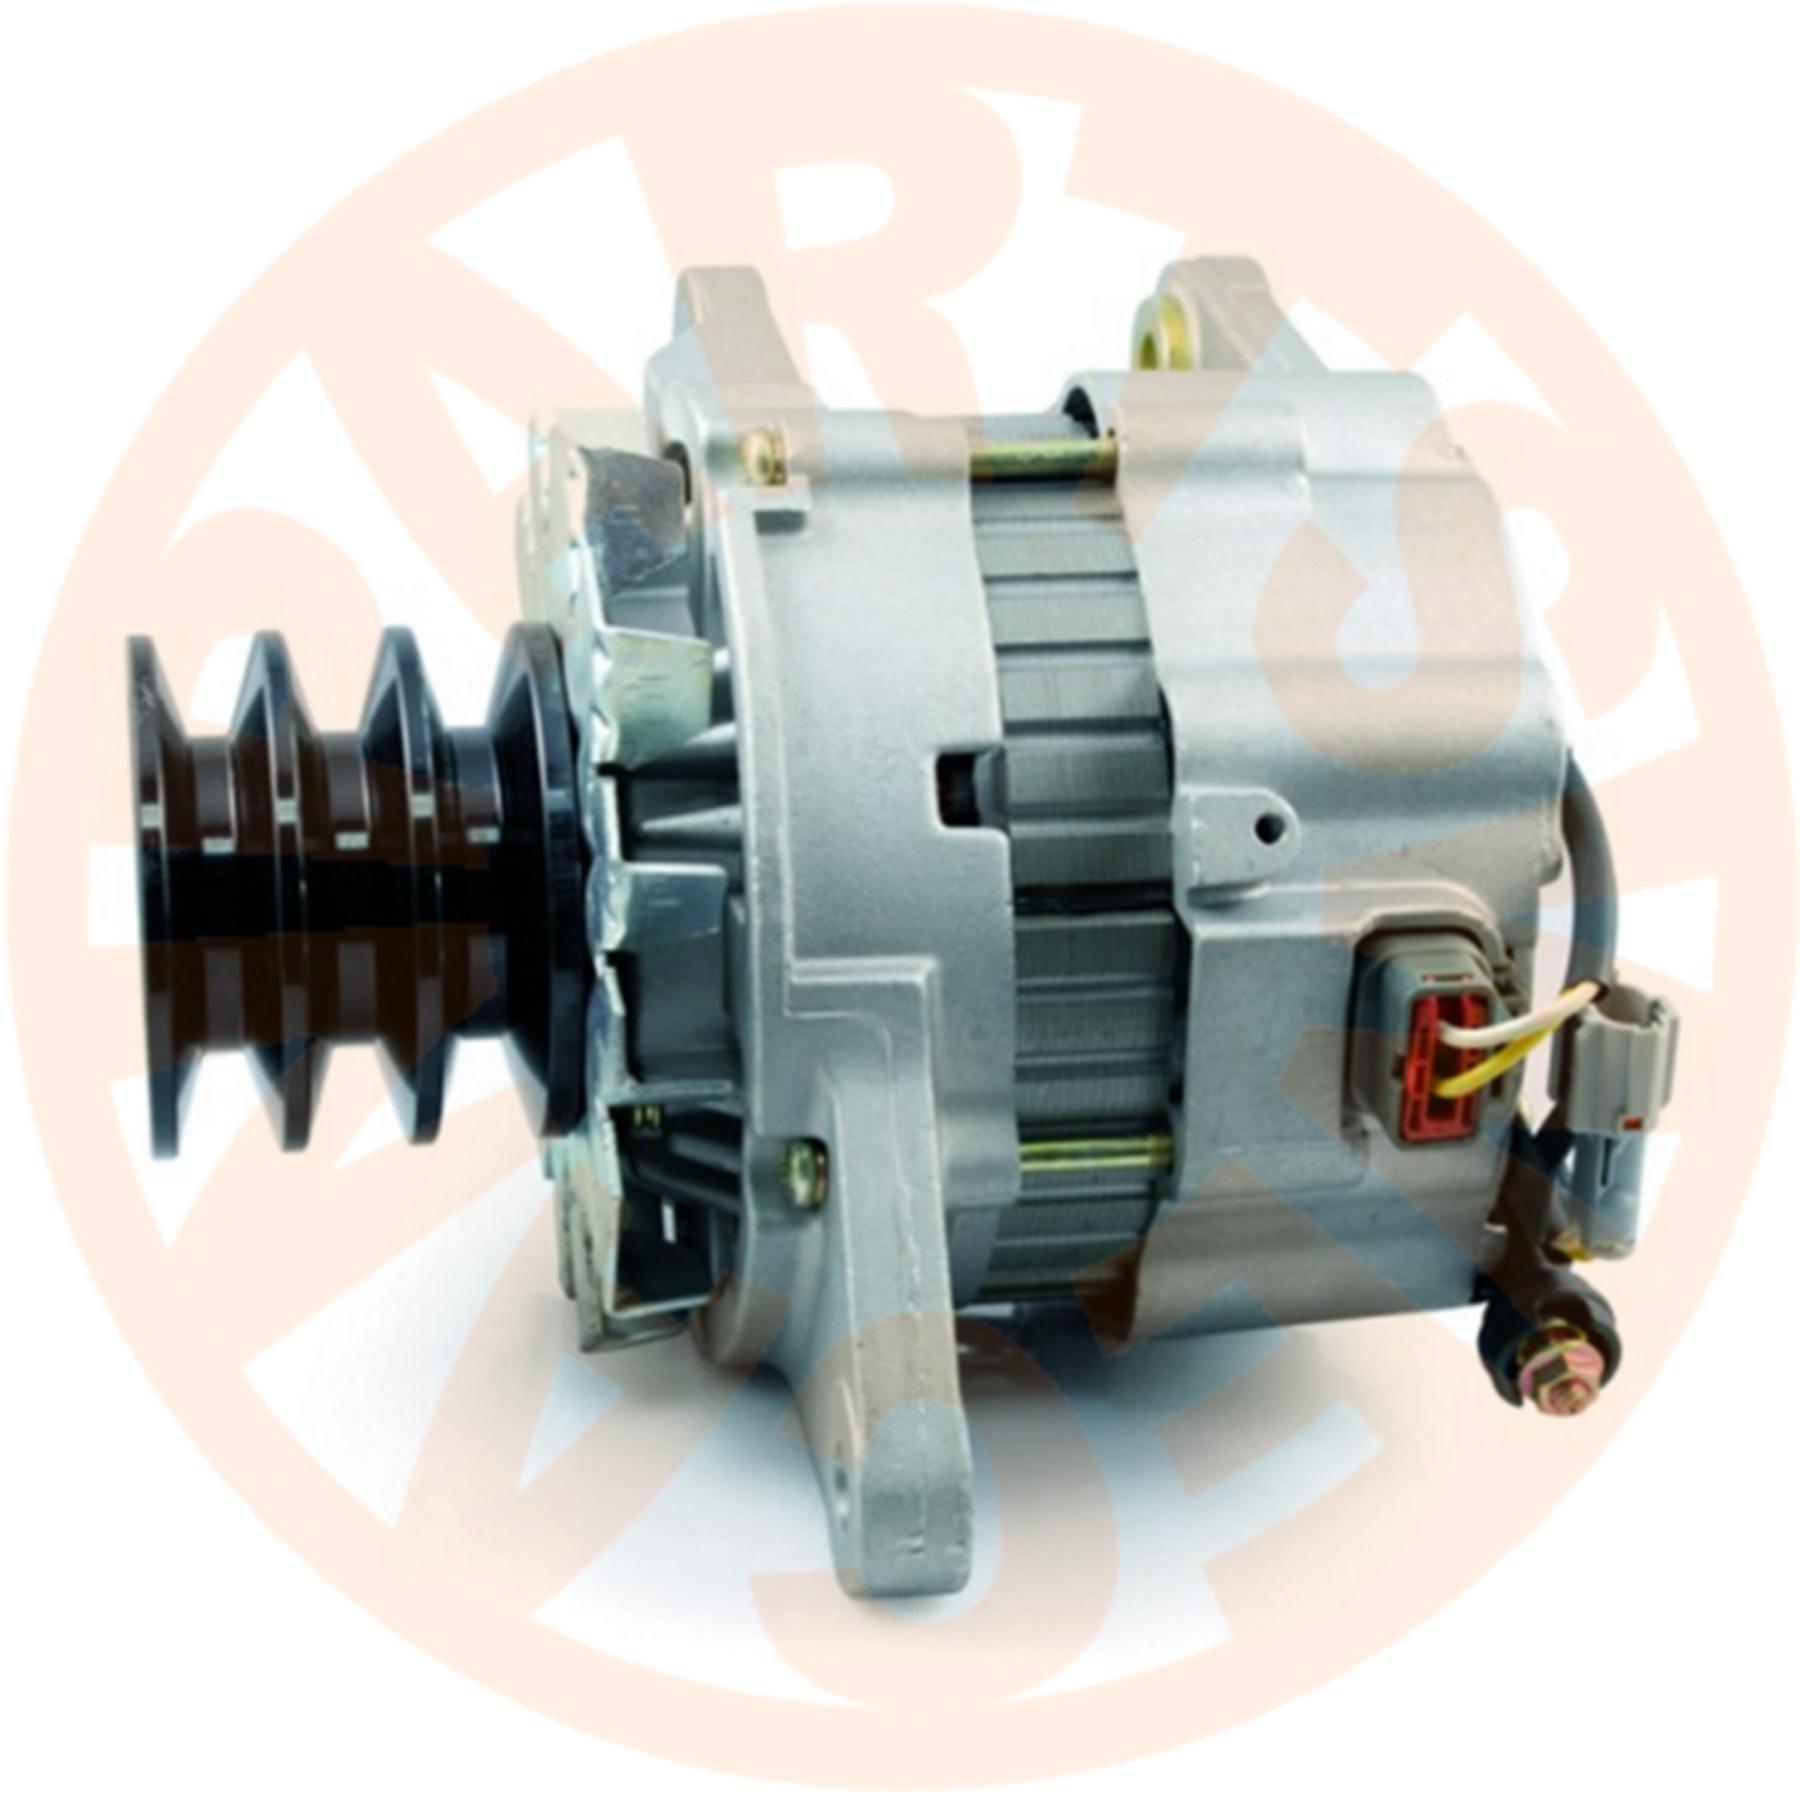 alternator isuzu 6hk1 engine hitachi zax330 ex330 excavator parts alternator isuzu 6hk1 engine hitachi zax330 ex330 excavator parts 1 81200 471 0 1 81100 414 1